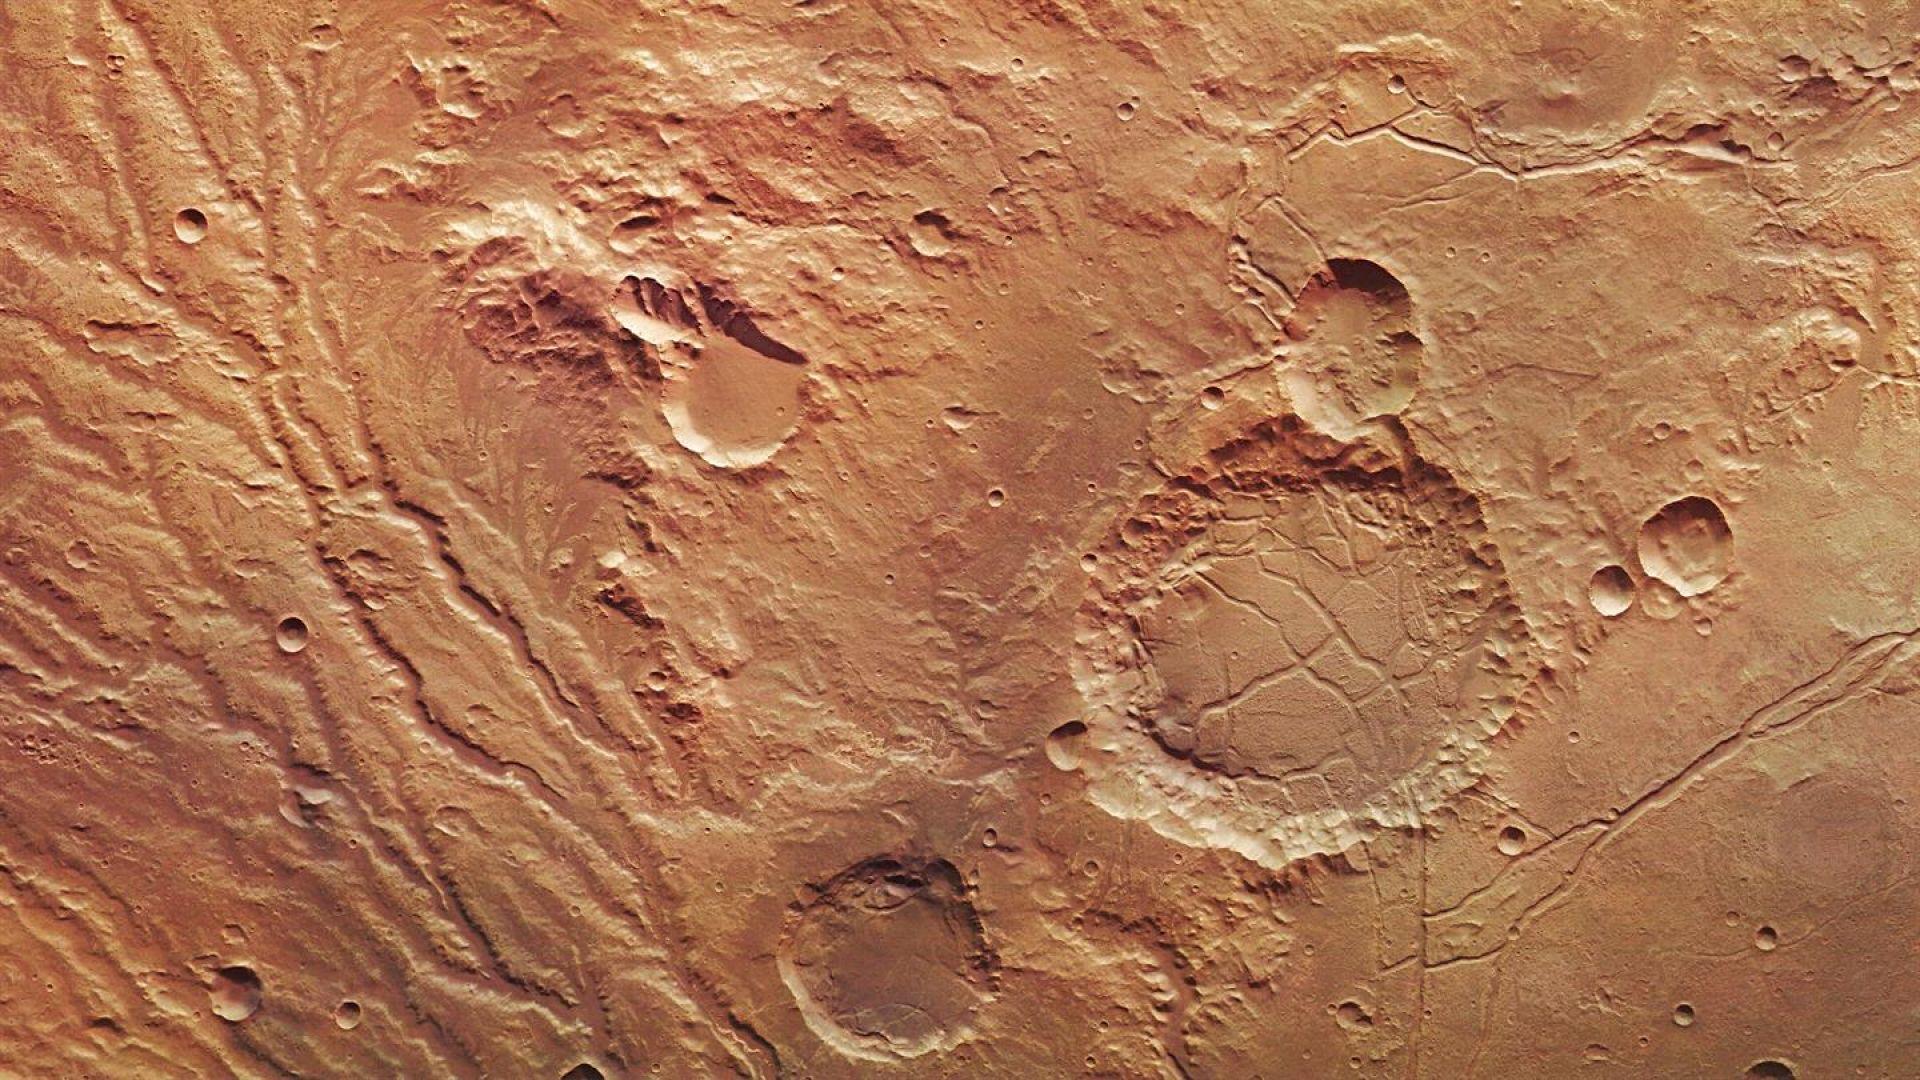 Българските имена на места из Слънчевата система (снимки)